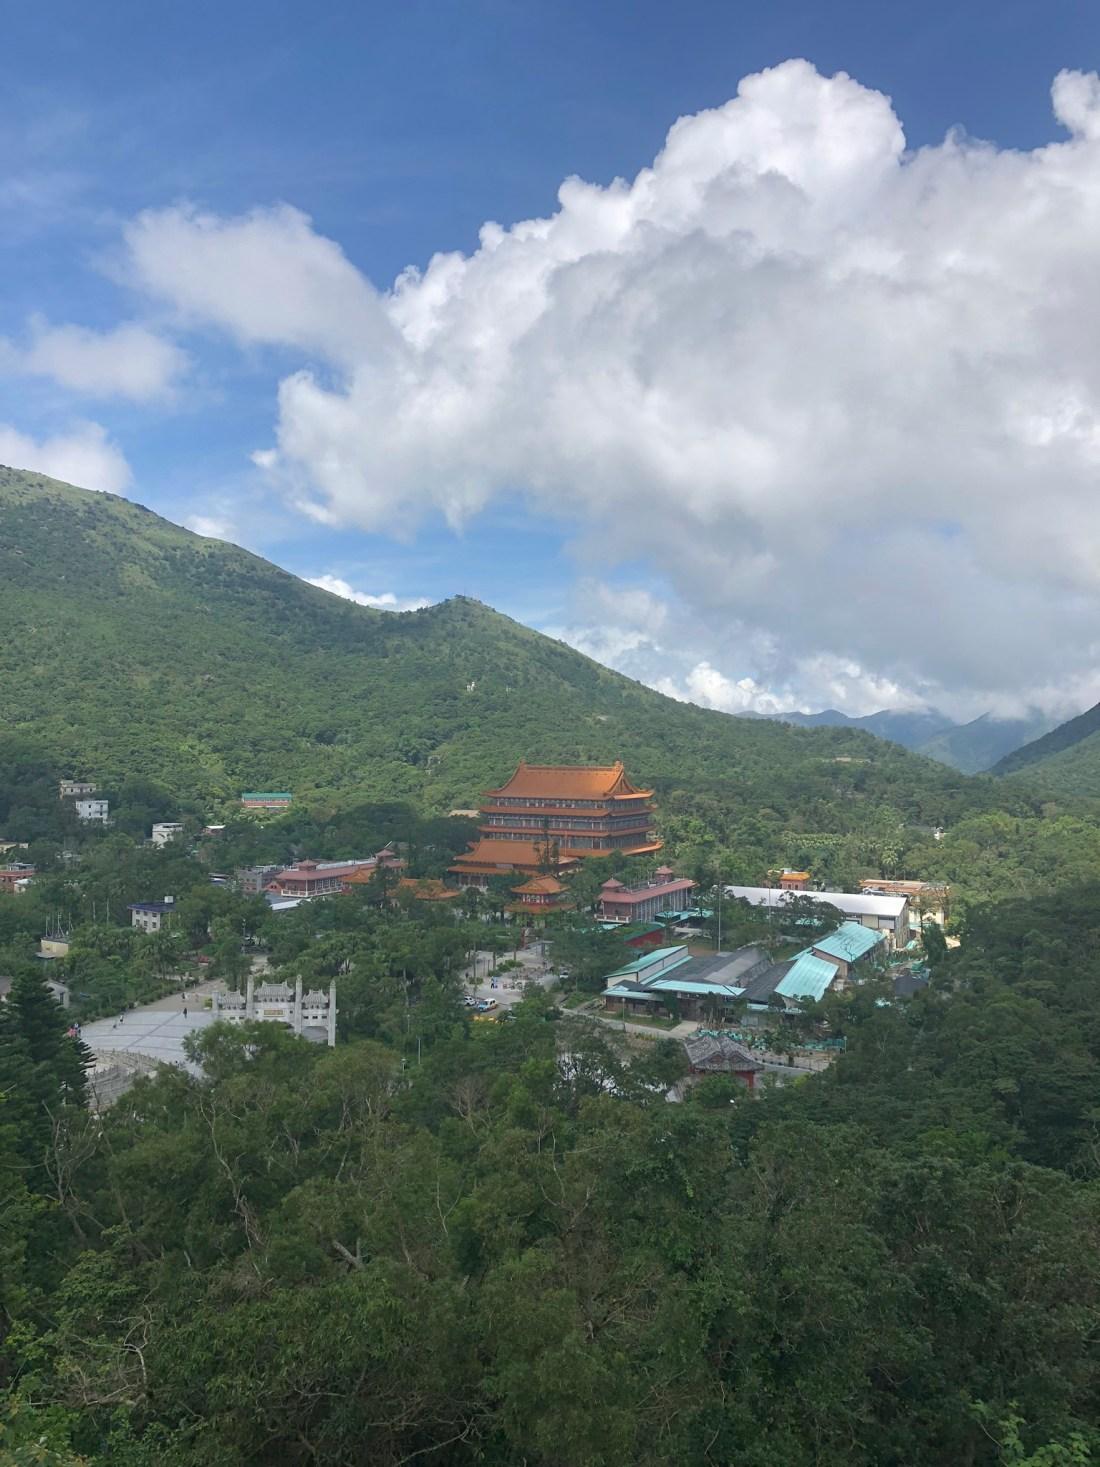 Views from Mount Muk Yue, Lantau Island